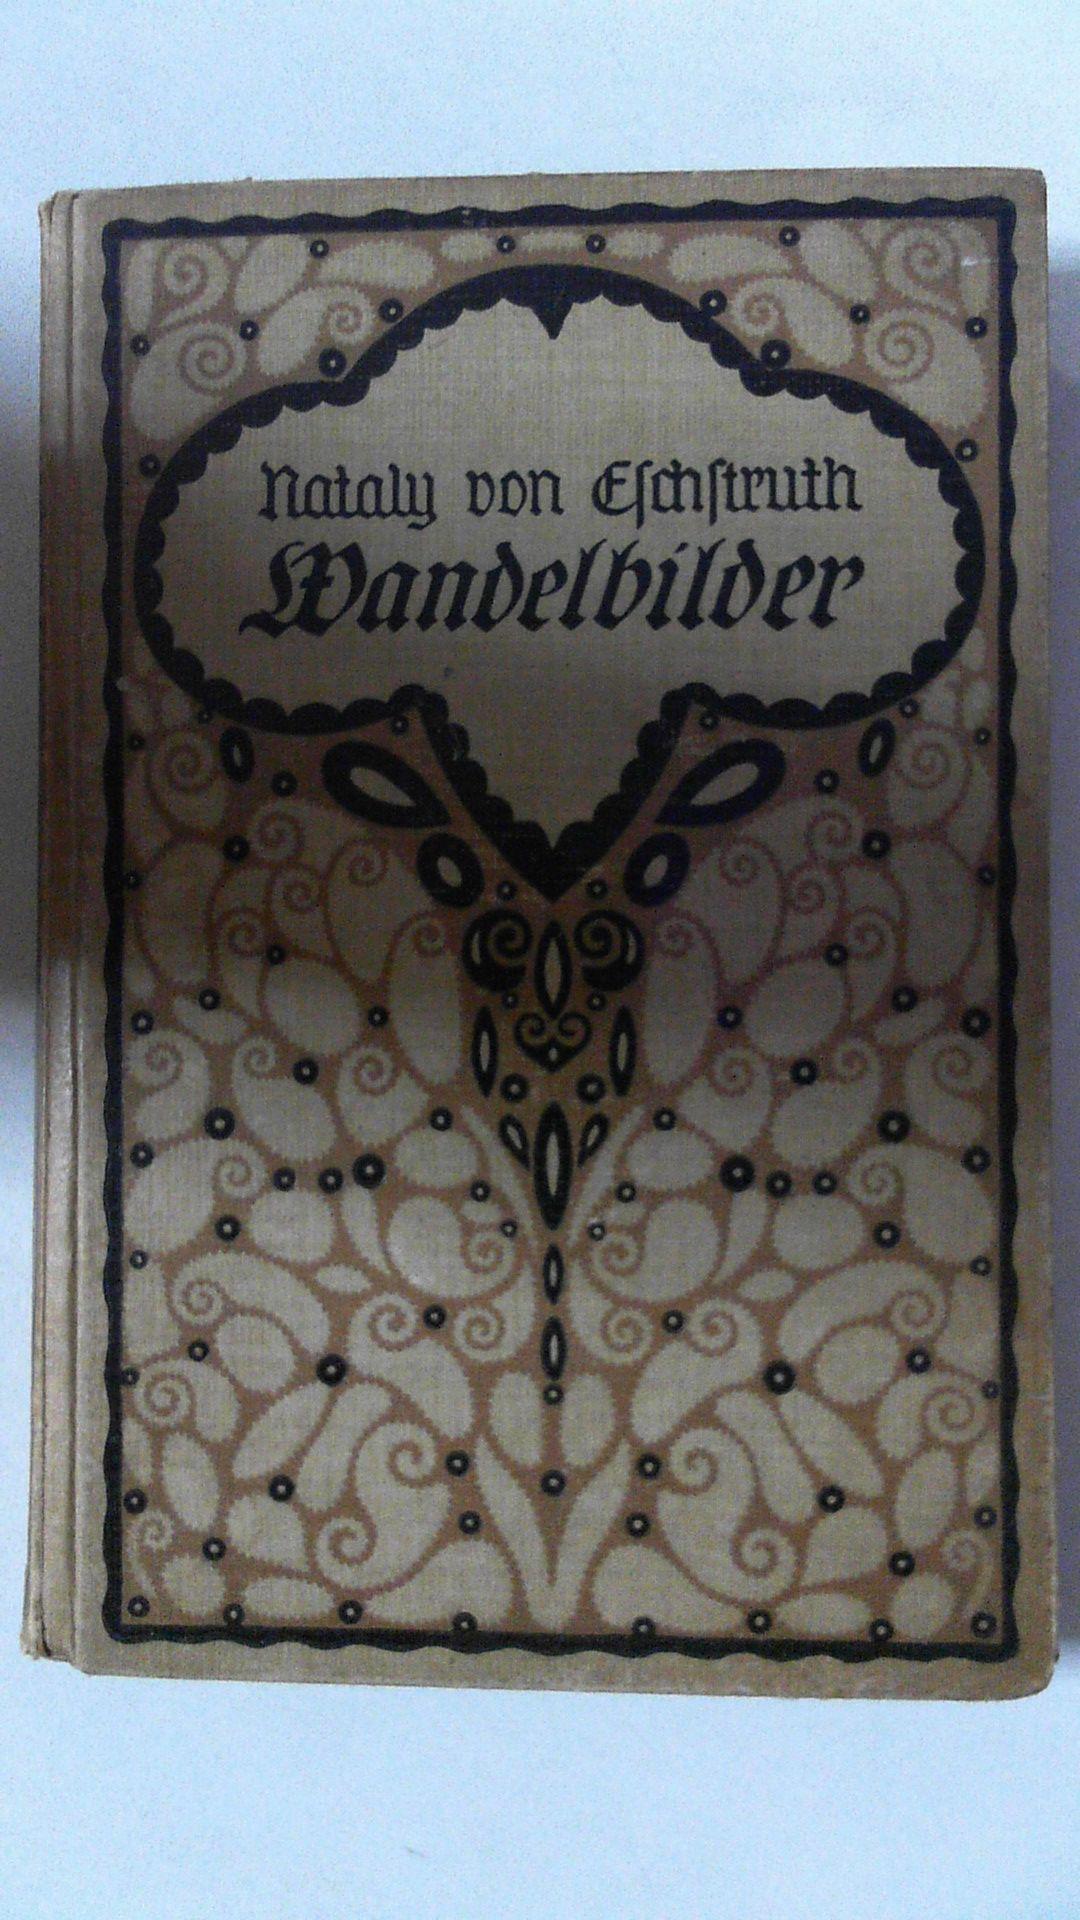 Wandelbilder, Novellen und Skizzen.: Eschstruth, Nathaly von: